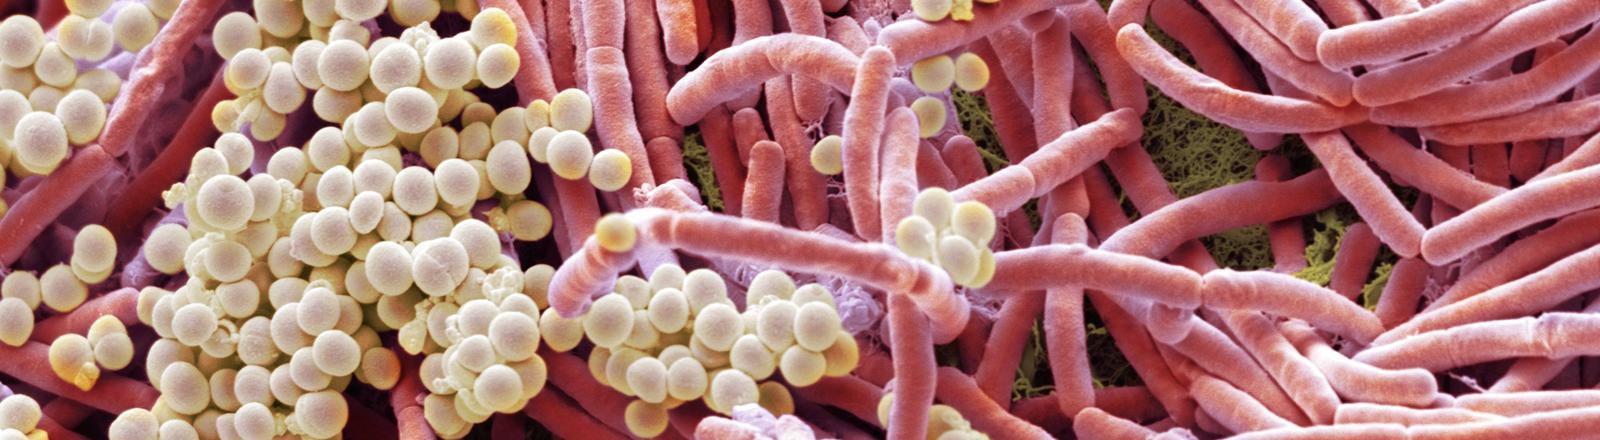 Bakterien auf einem Mobiltelefon mikroskopisch vergrößert